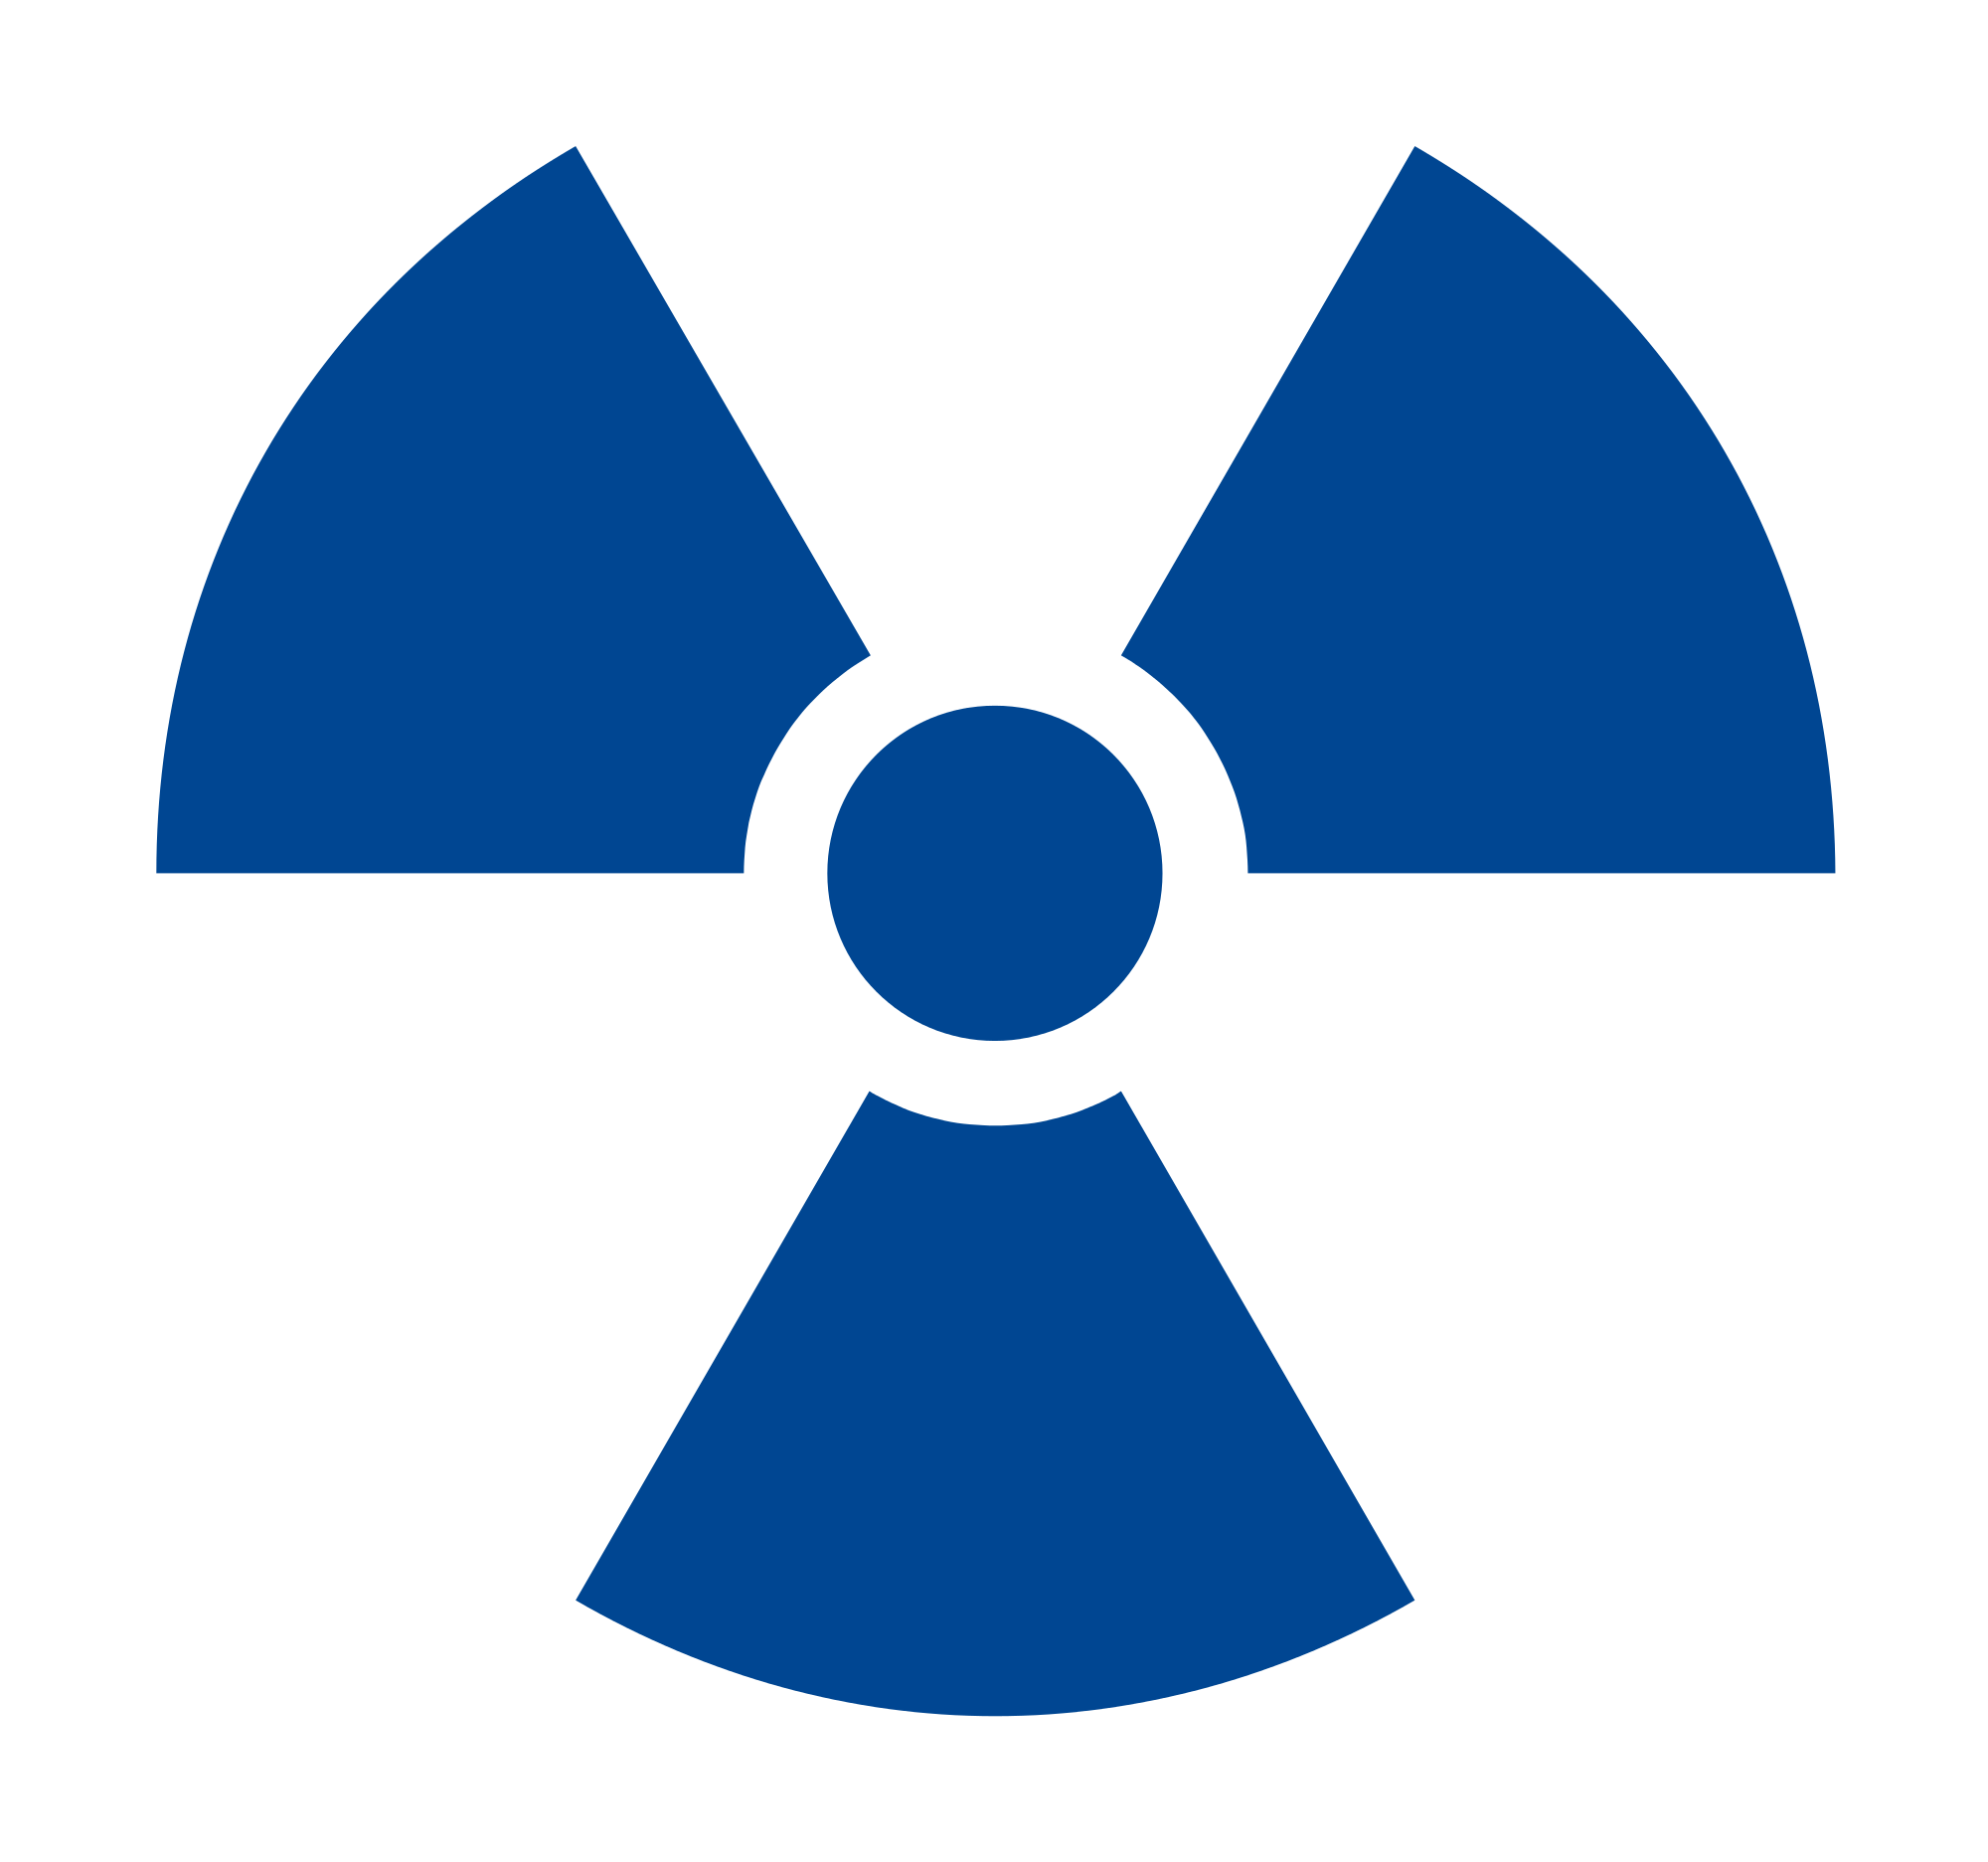 Radioactive svg #14, Download drawings